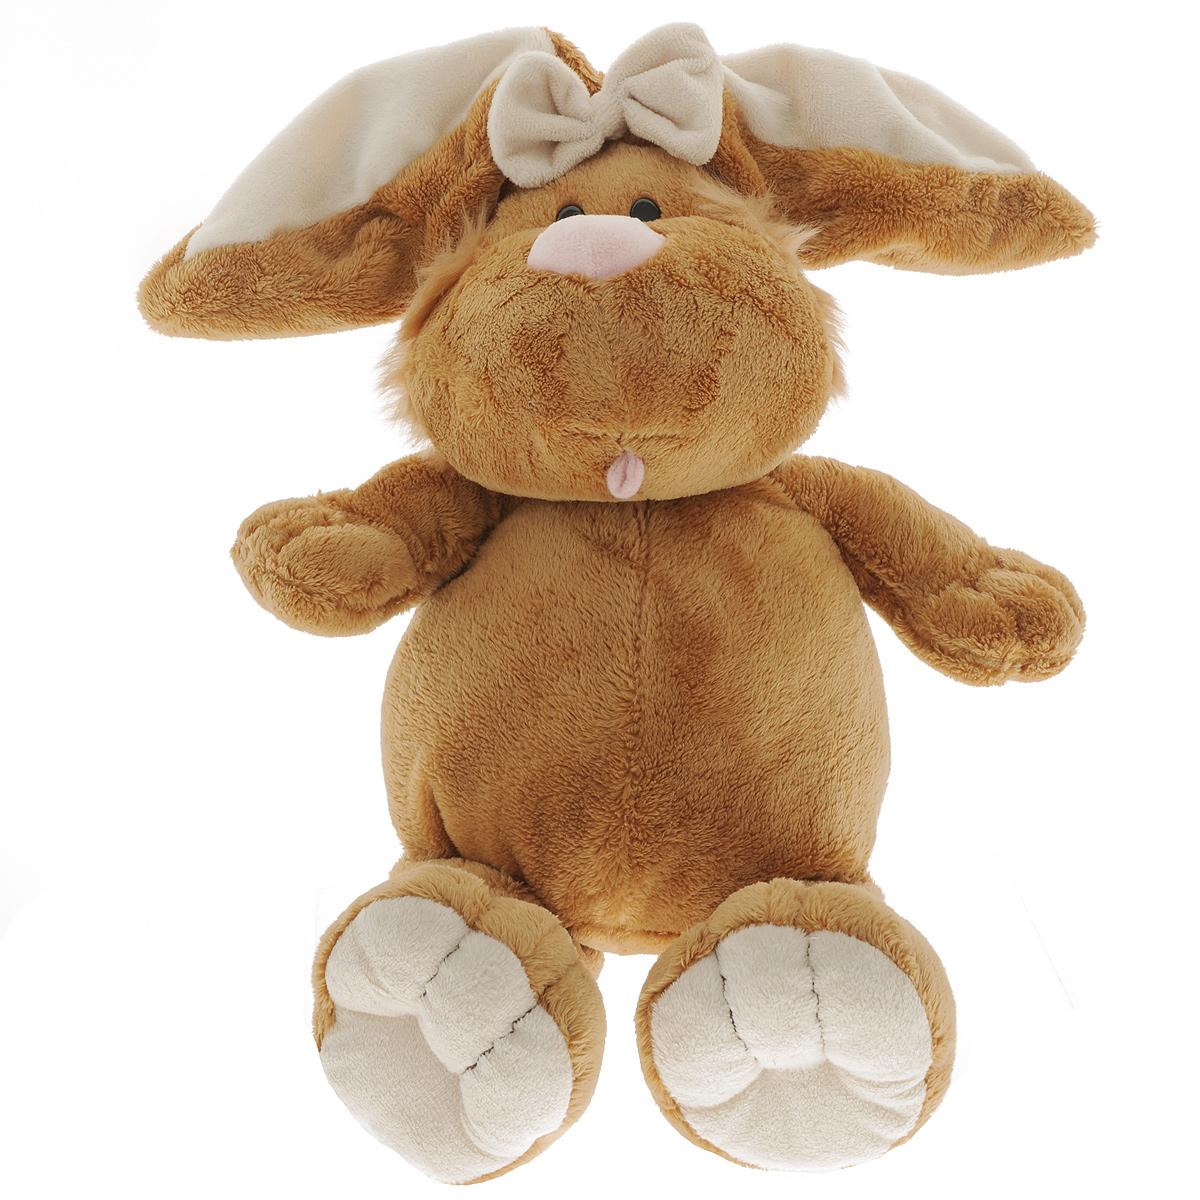 Мягкая игрушка Gulliver Кролик сидячий, 40 cм7-42045Мягкая игрушка Кролик сидячий обязательно покорит сердце малыша. Ребенок не захочет расставаться с плюшевым кроликом не на секунду, ведь с ним можно отправиться в гости, на прогулку или к бабушке в деревню. Кролик украшен красивым бантом, может самостоятельно сидеть. Играть с ним можно в любую игру. Ребенок сможет устроить домашнее чаепитие и пригласить друзей или поиграть в волшебника с исчезновением очаровательного кролика. Играя с мягким кроликом, ребенок не будет ограничивать свою фантазию, с ним можно придумать много сюжетов. Мягкие игрушки Gulliver действуют позитивно на растущий детский организм, обучая ласке и доброте, улучшают настроение ребенка, развивают тактильную чувствительность, стимулируют зрительное восприятие, хватательные рефлексы и моторику рук.